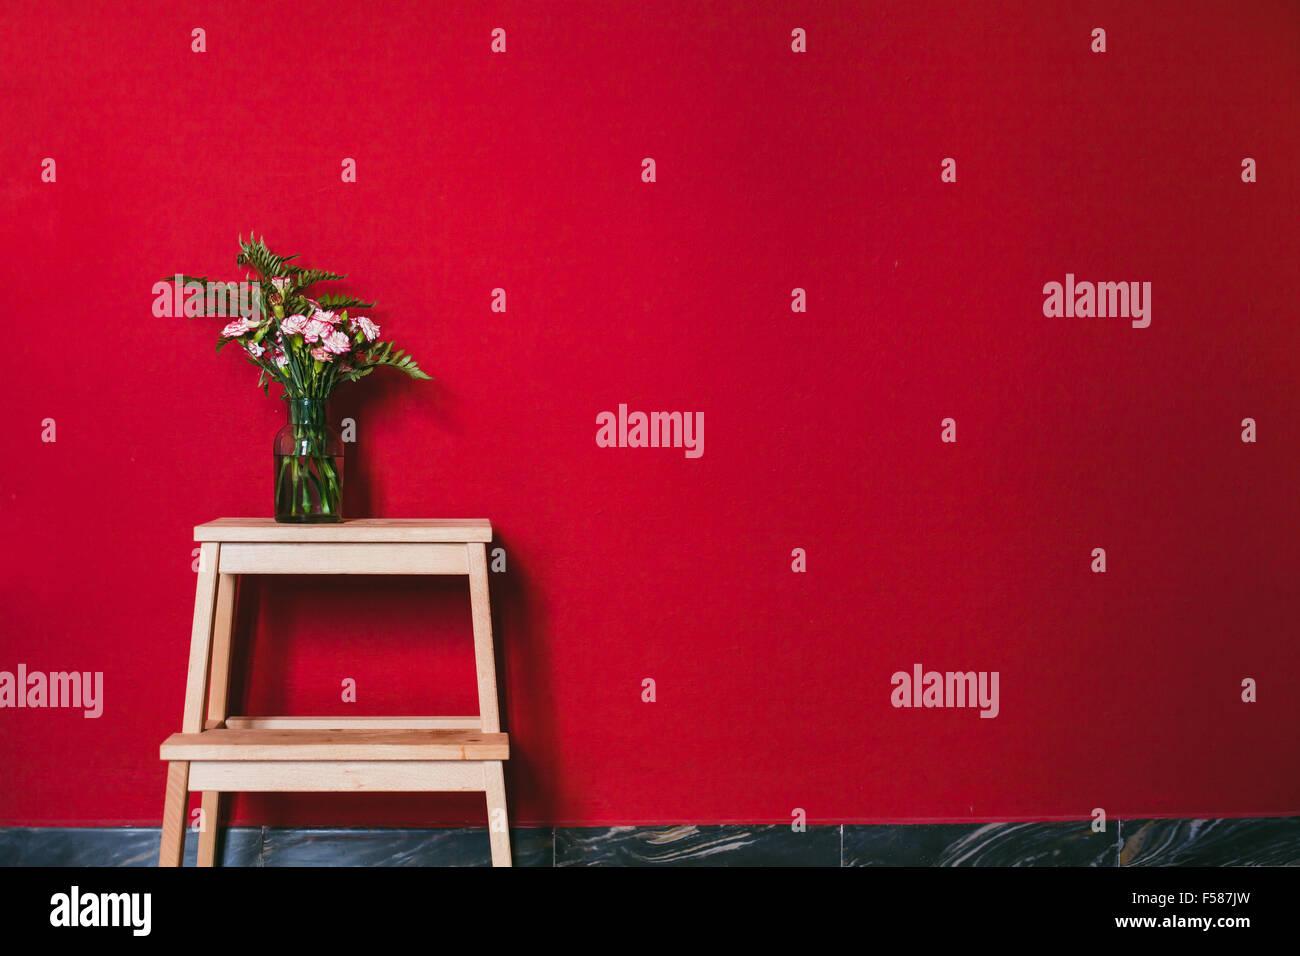 Diseño sencillo de interior, flores en un jarrón sobre Rojo fondo de pared Imagen De Stock